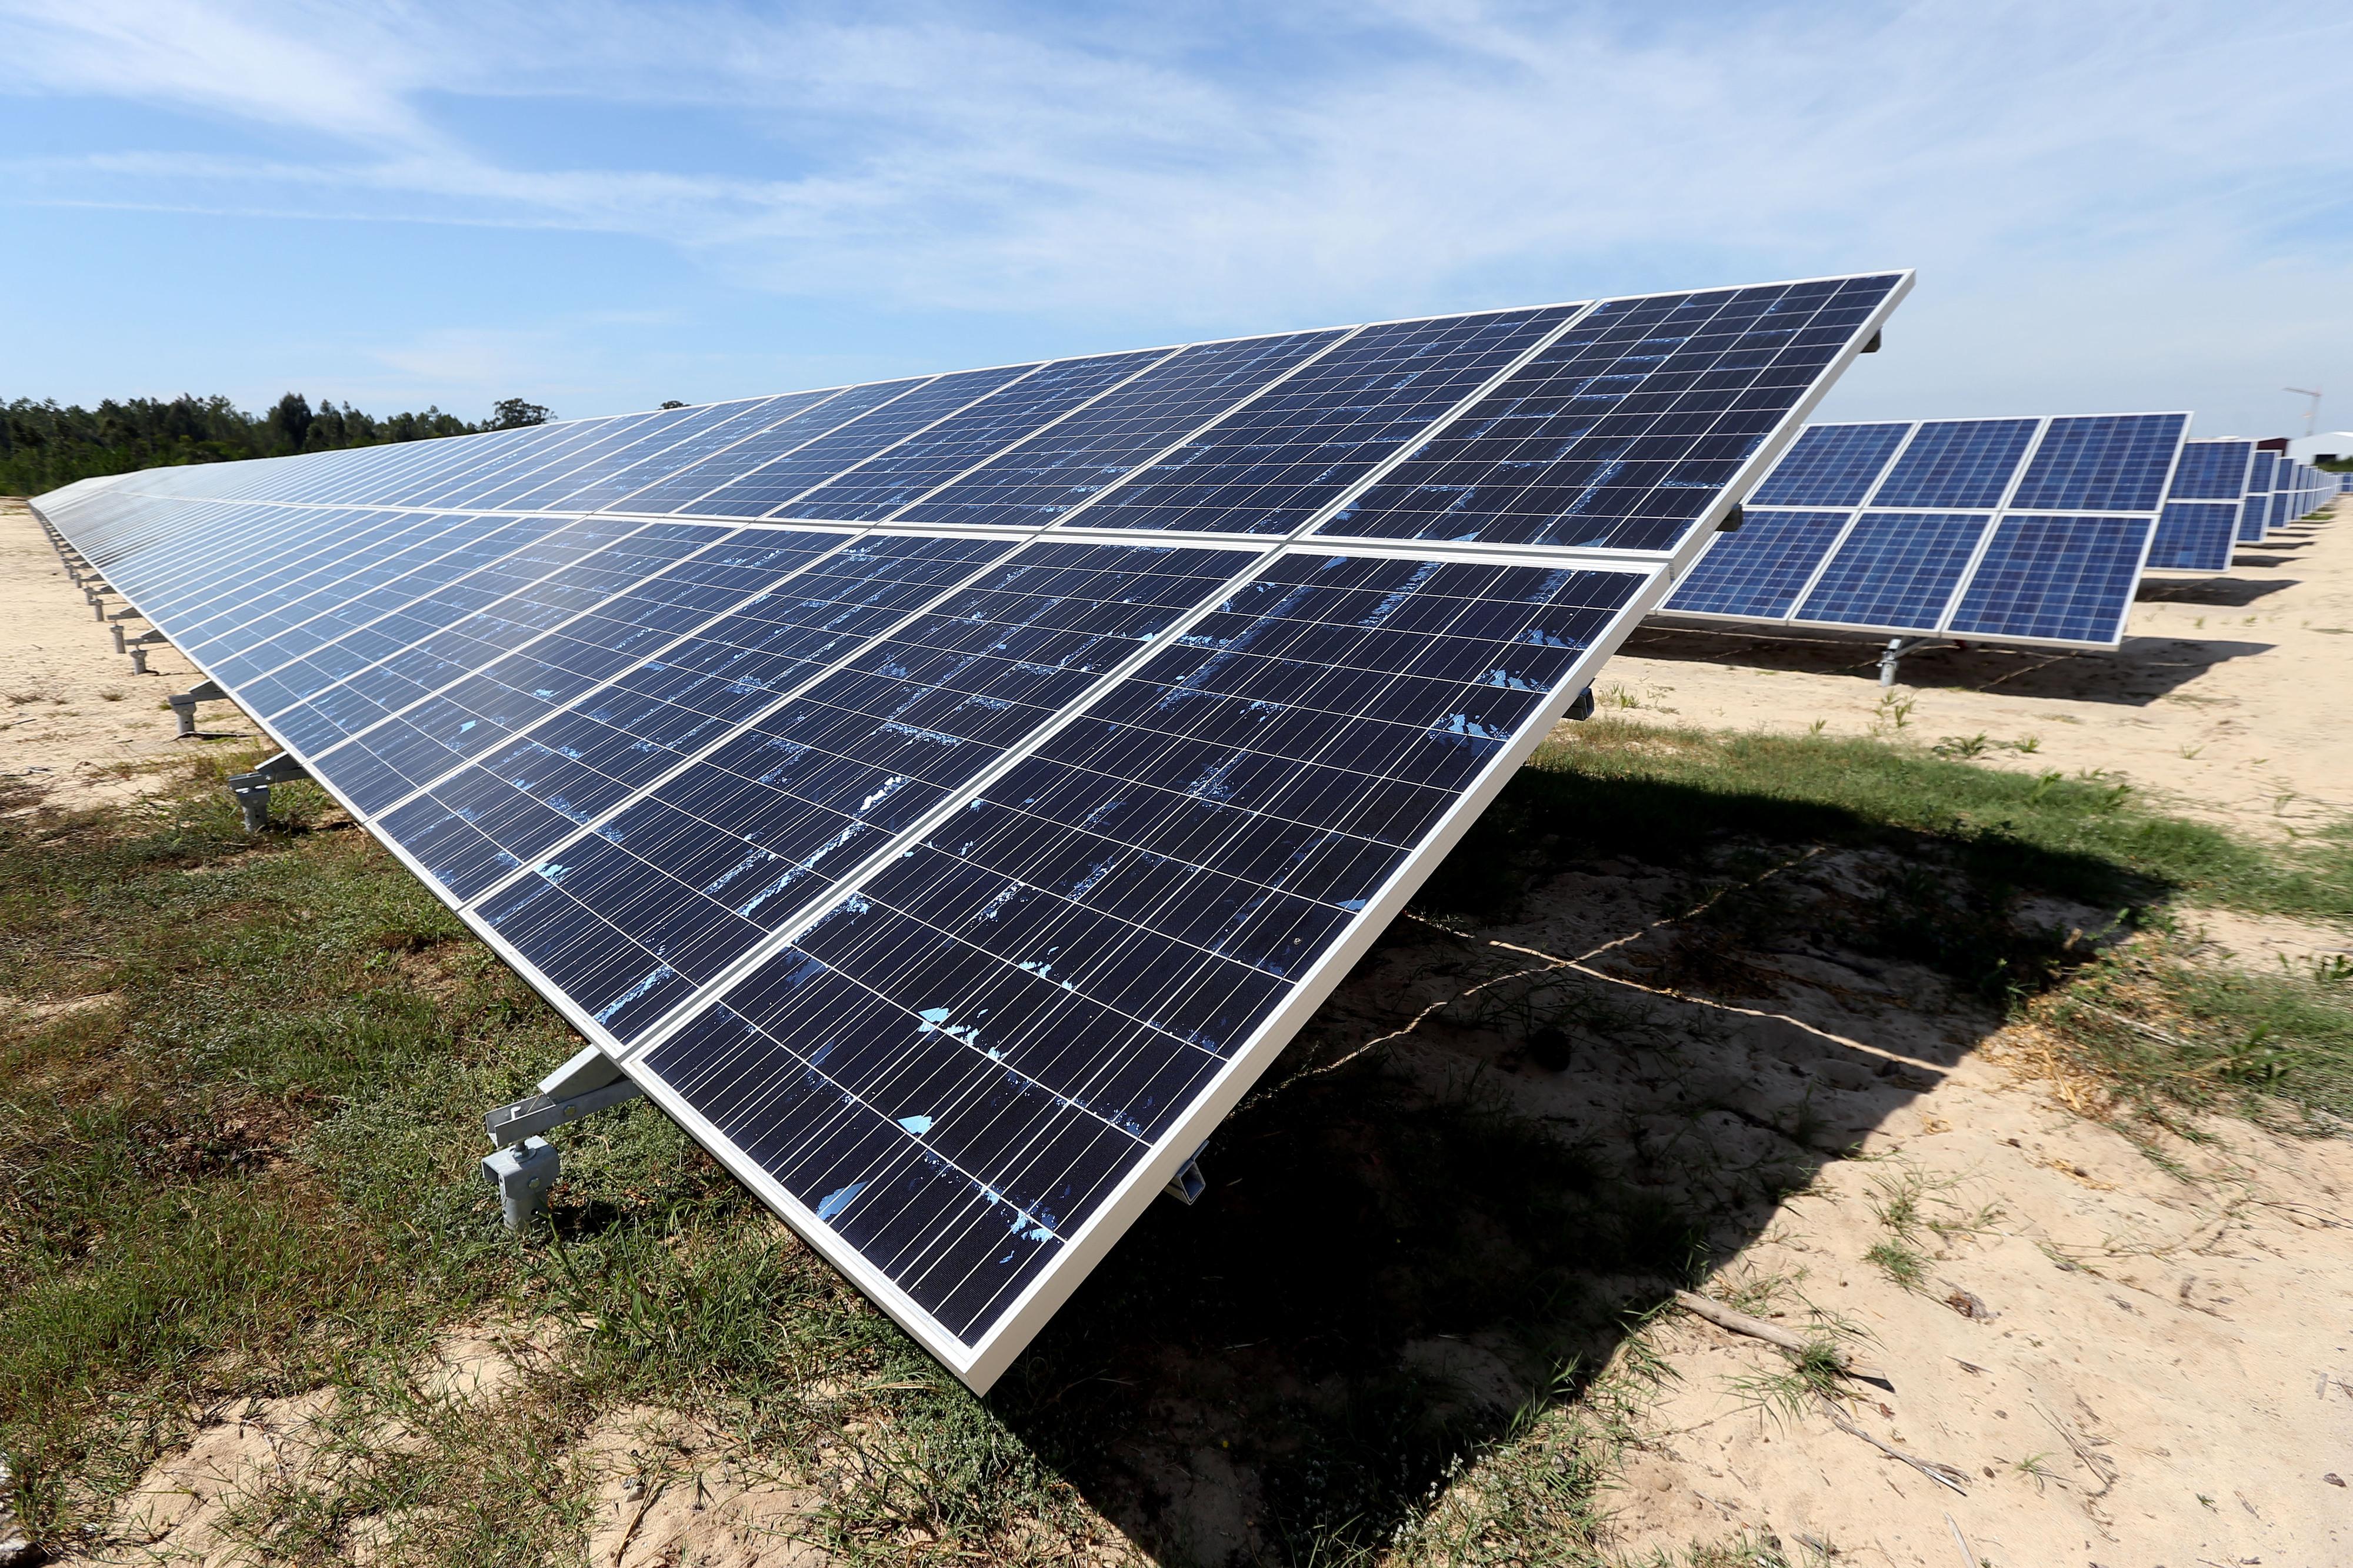 REN propõe investimento de 70 milhões de euros para responder ao aumento da produção fotovoltaica